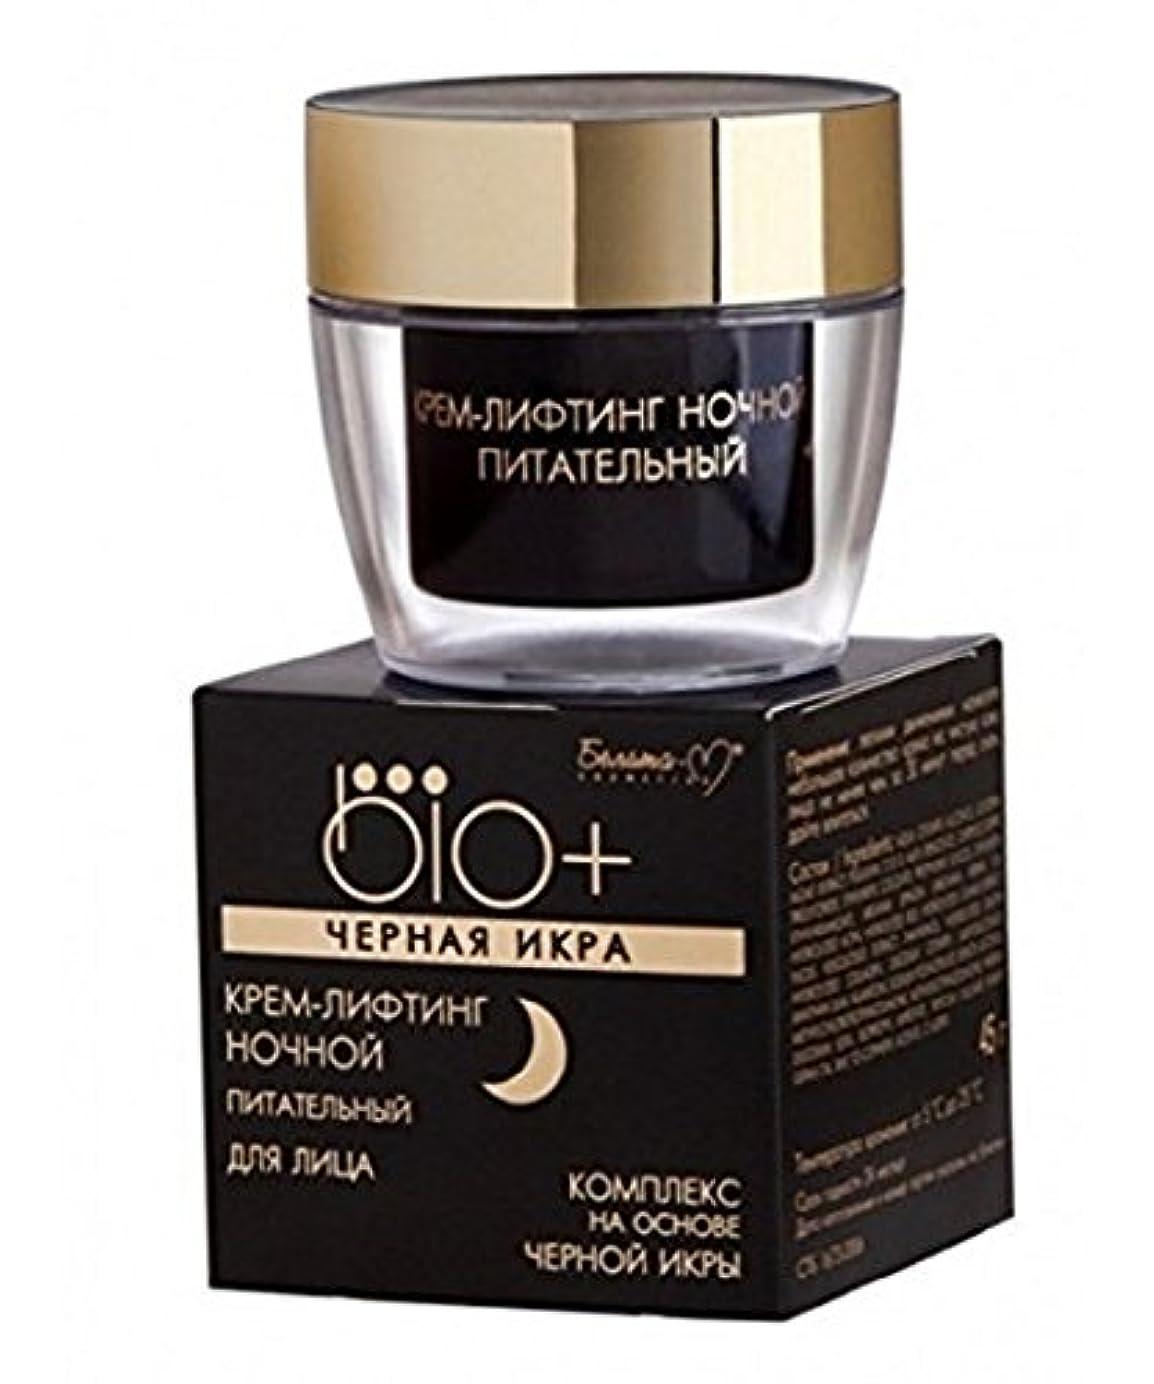 ベリー自己オレンジNIGHT MOISTURIZING LIFTING CREAM, on the basis of black caviar | Marine collagen and elastin, Argan oil | 45 g